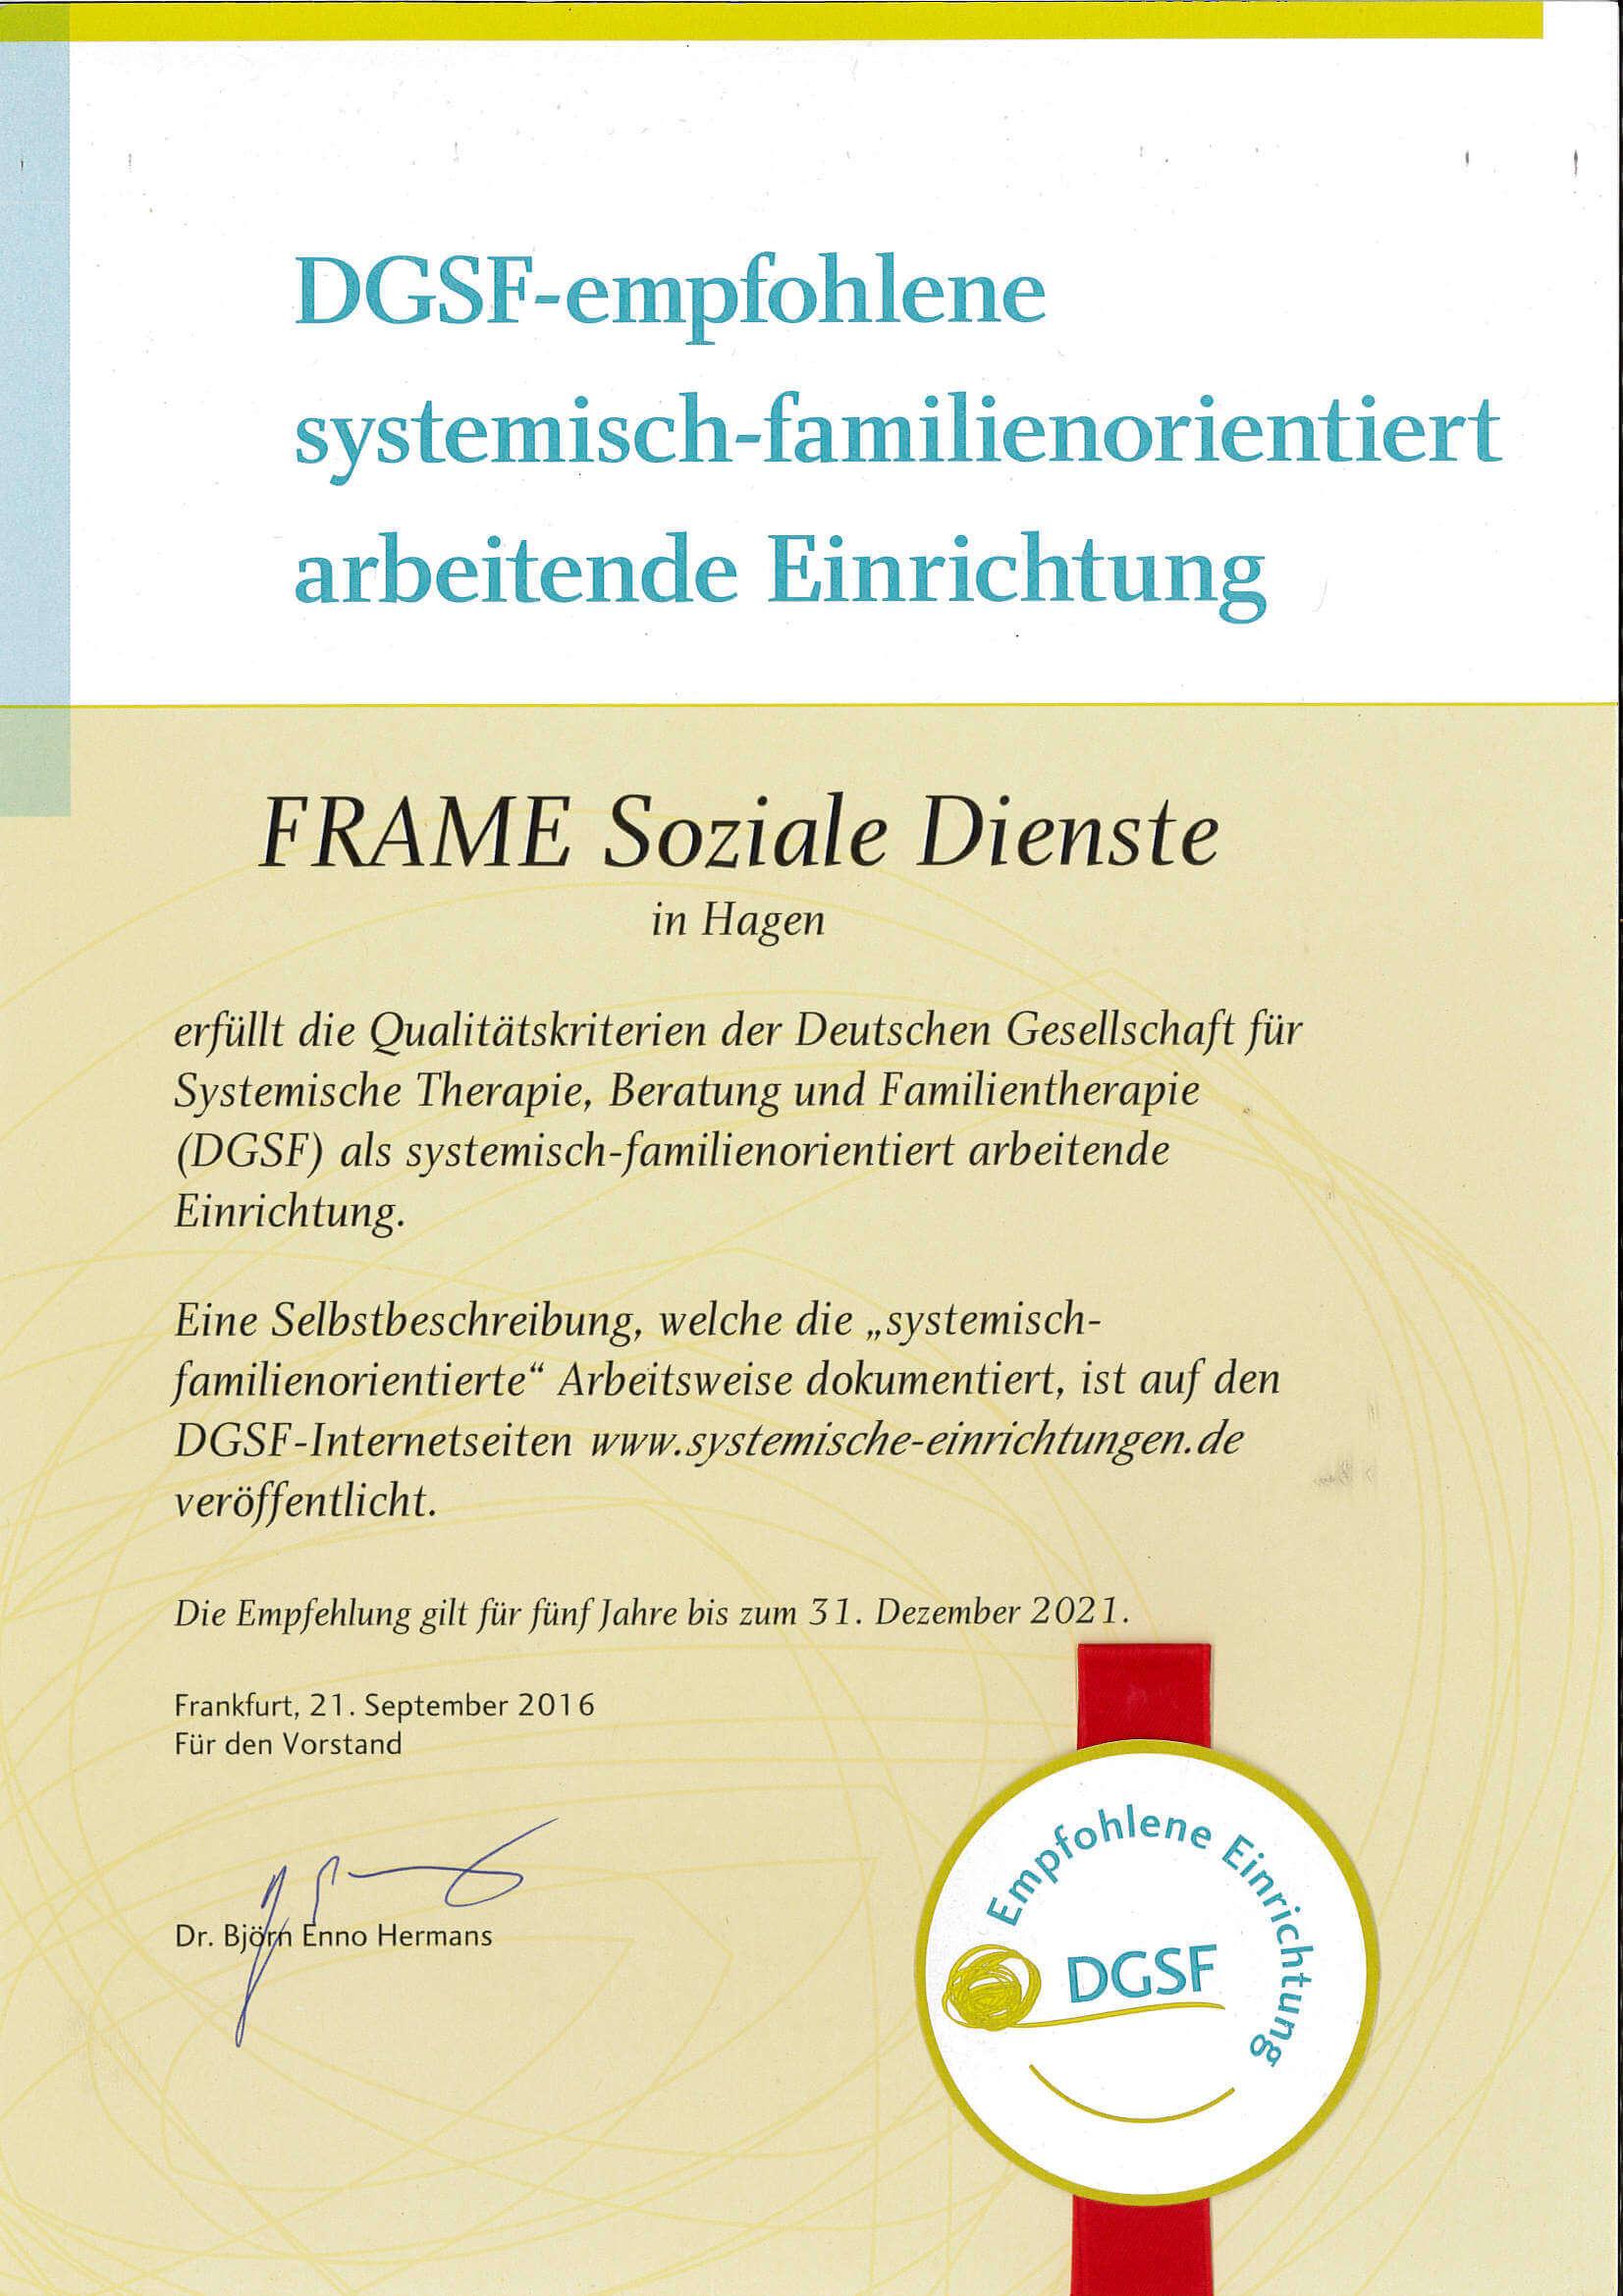 Zertifikat des DGSF